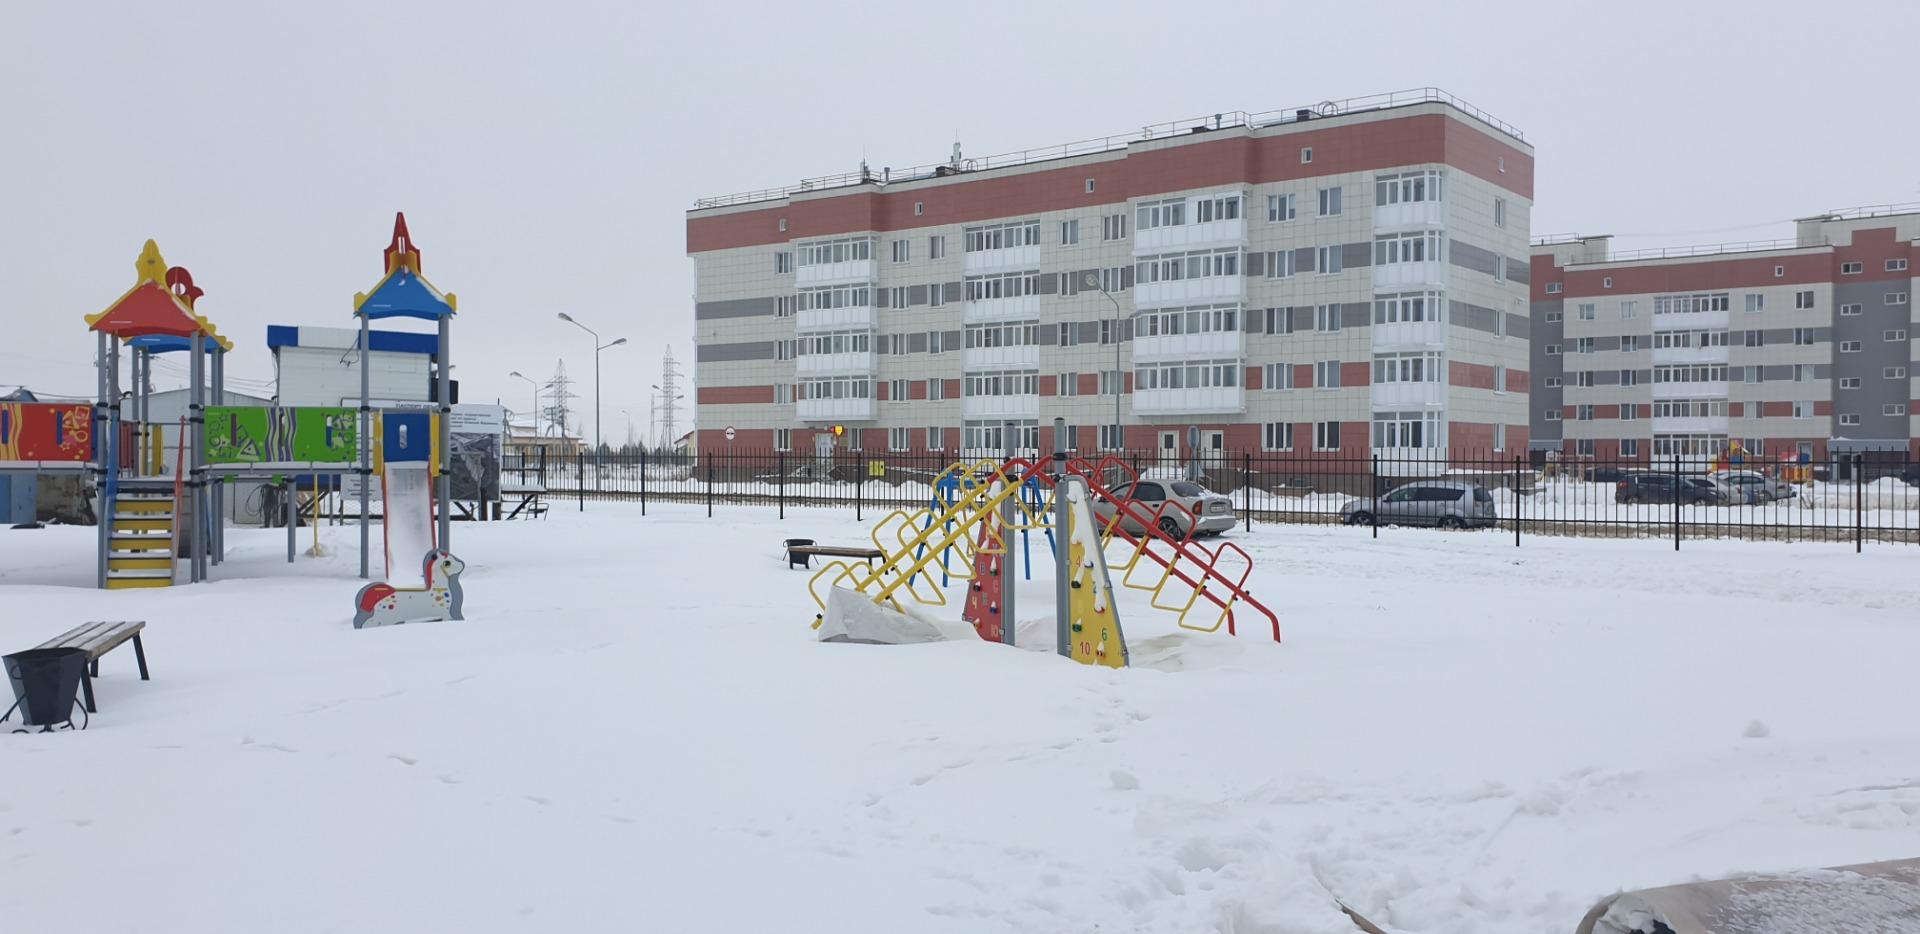 http://mielsever.3an.ru/files/1573060879_20191106_144647.jpg